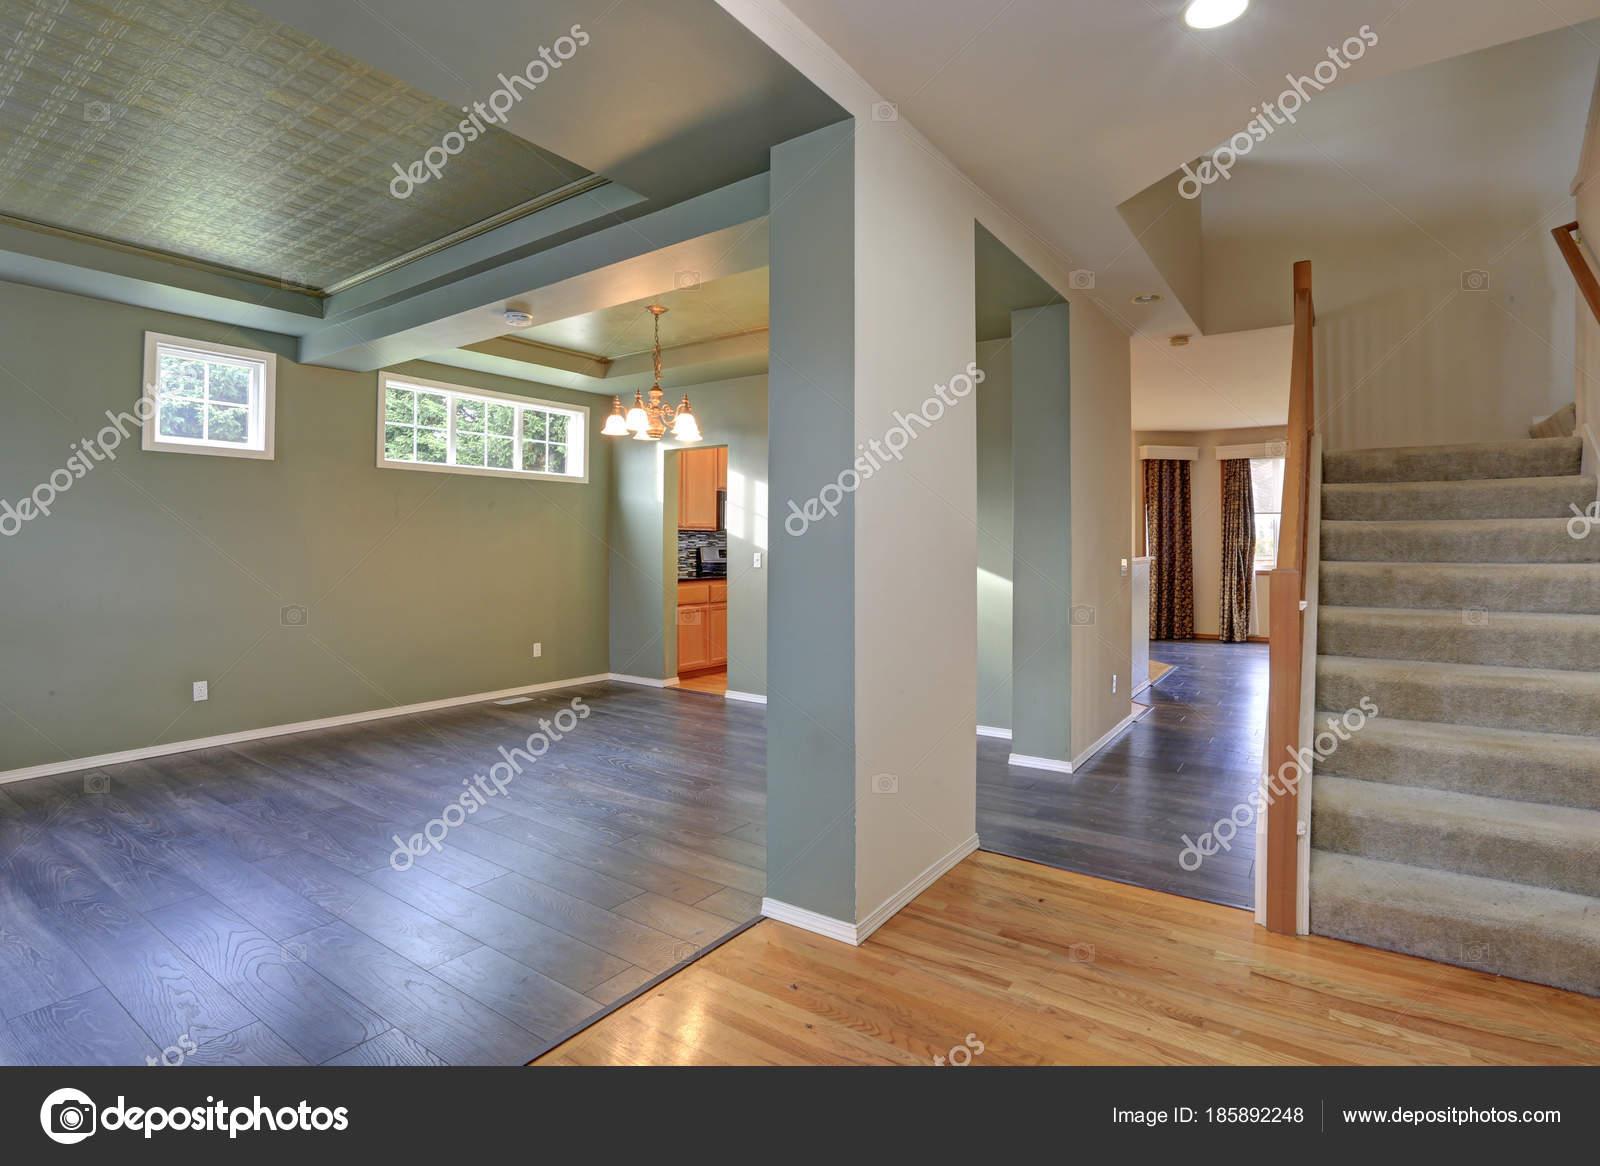 Dunkler Fußboden Im Wohnzimmer ~ Geräumigen leeren innenraum mit dunklen grauen hartholz fußboden